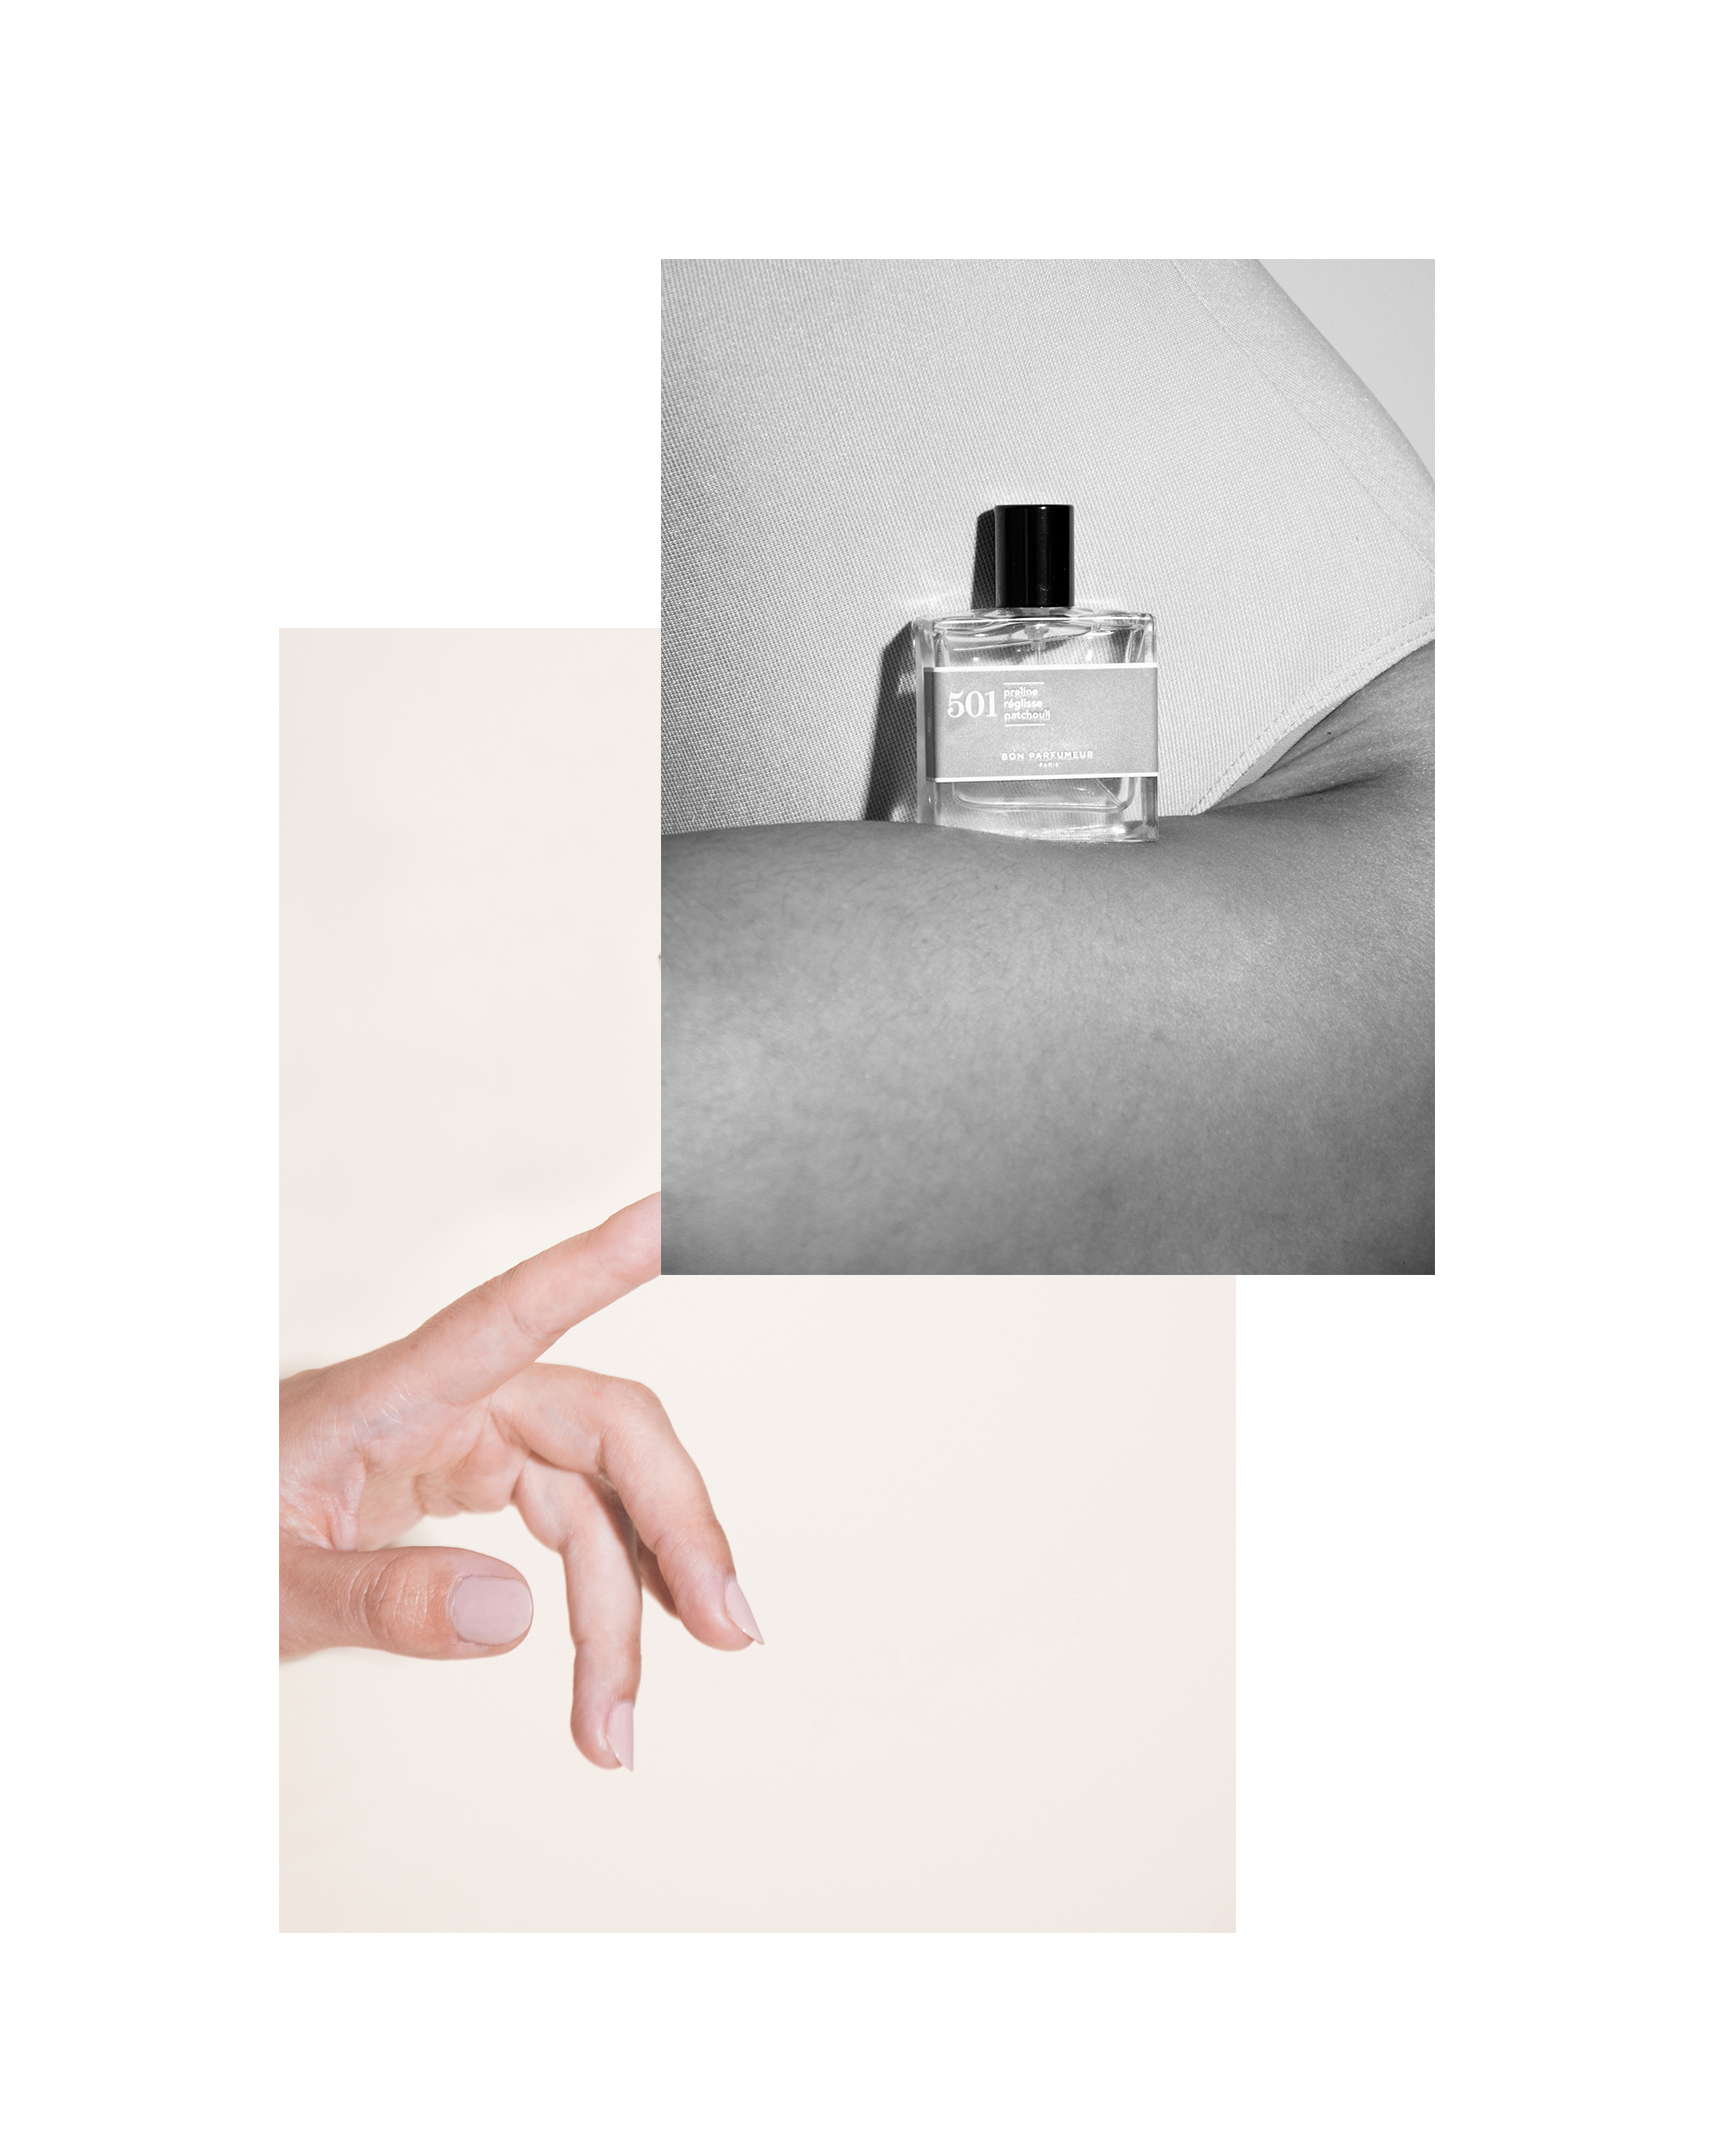 Bon Parfumeur Photography + Set Design